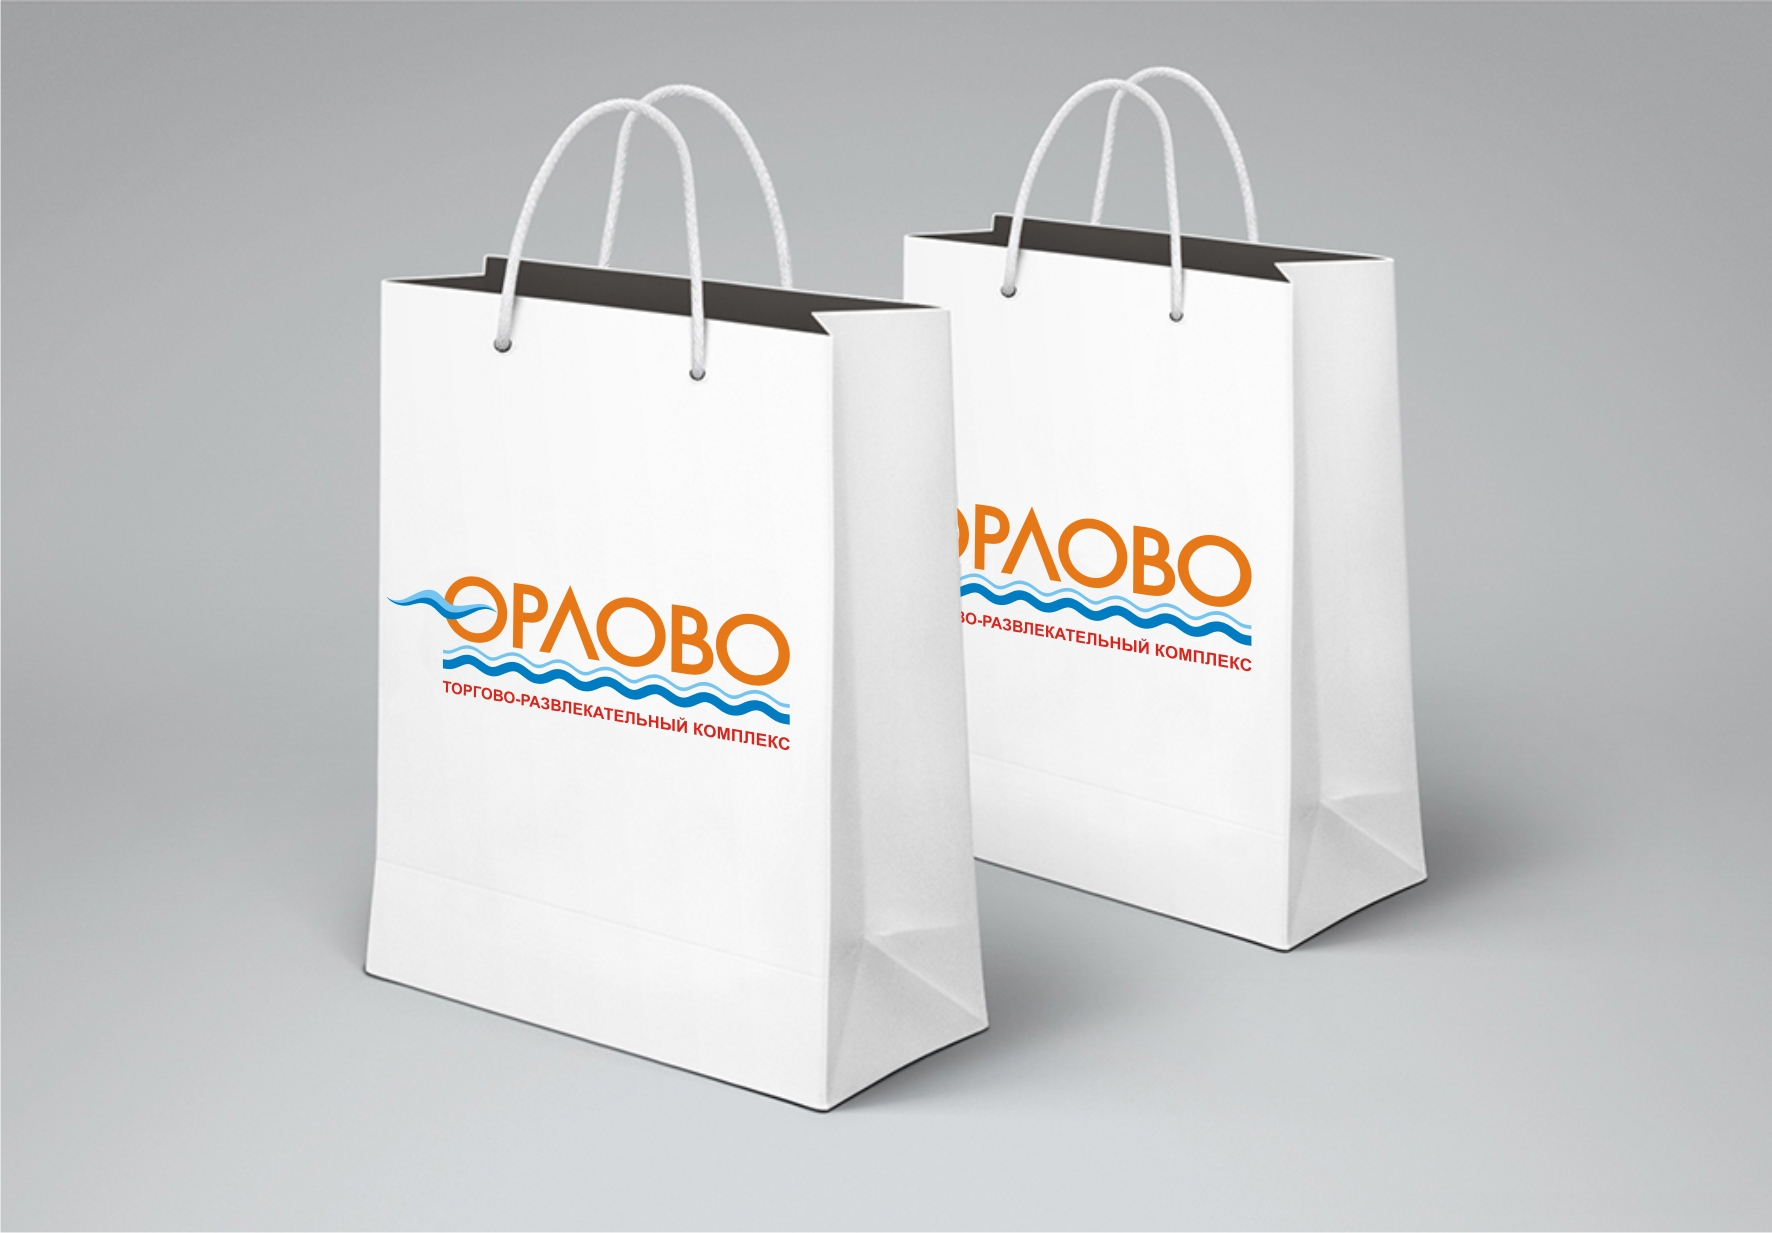 Разработка логотипа для Торгово-развлекательного комплекса фото f_52159668525d0aab.jpg